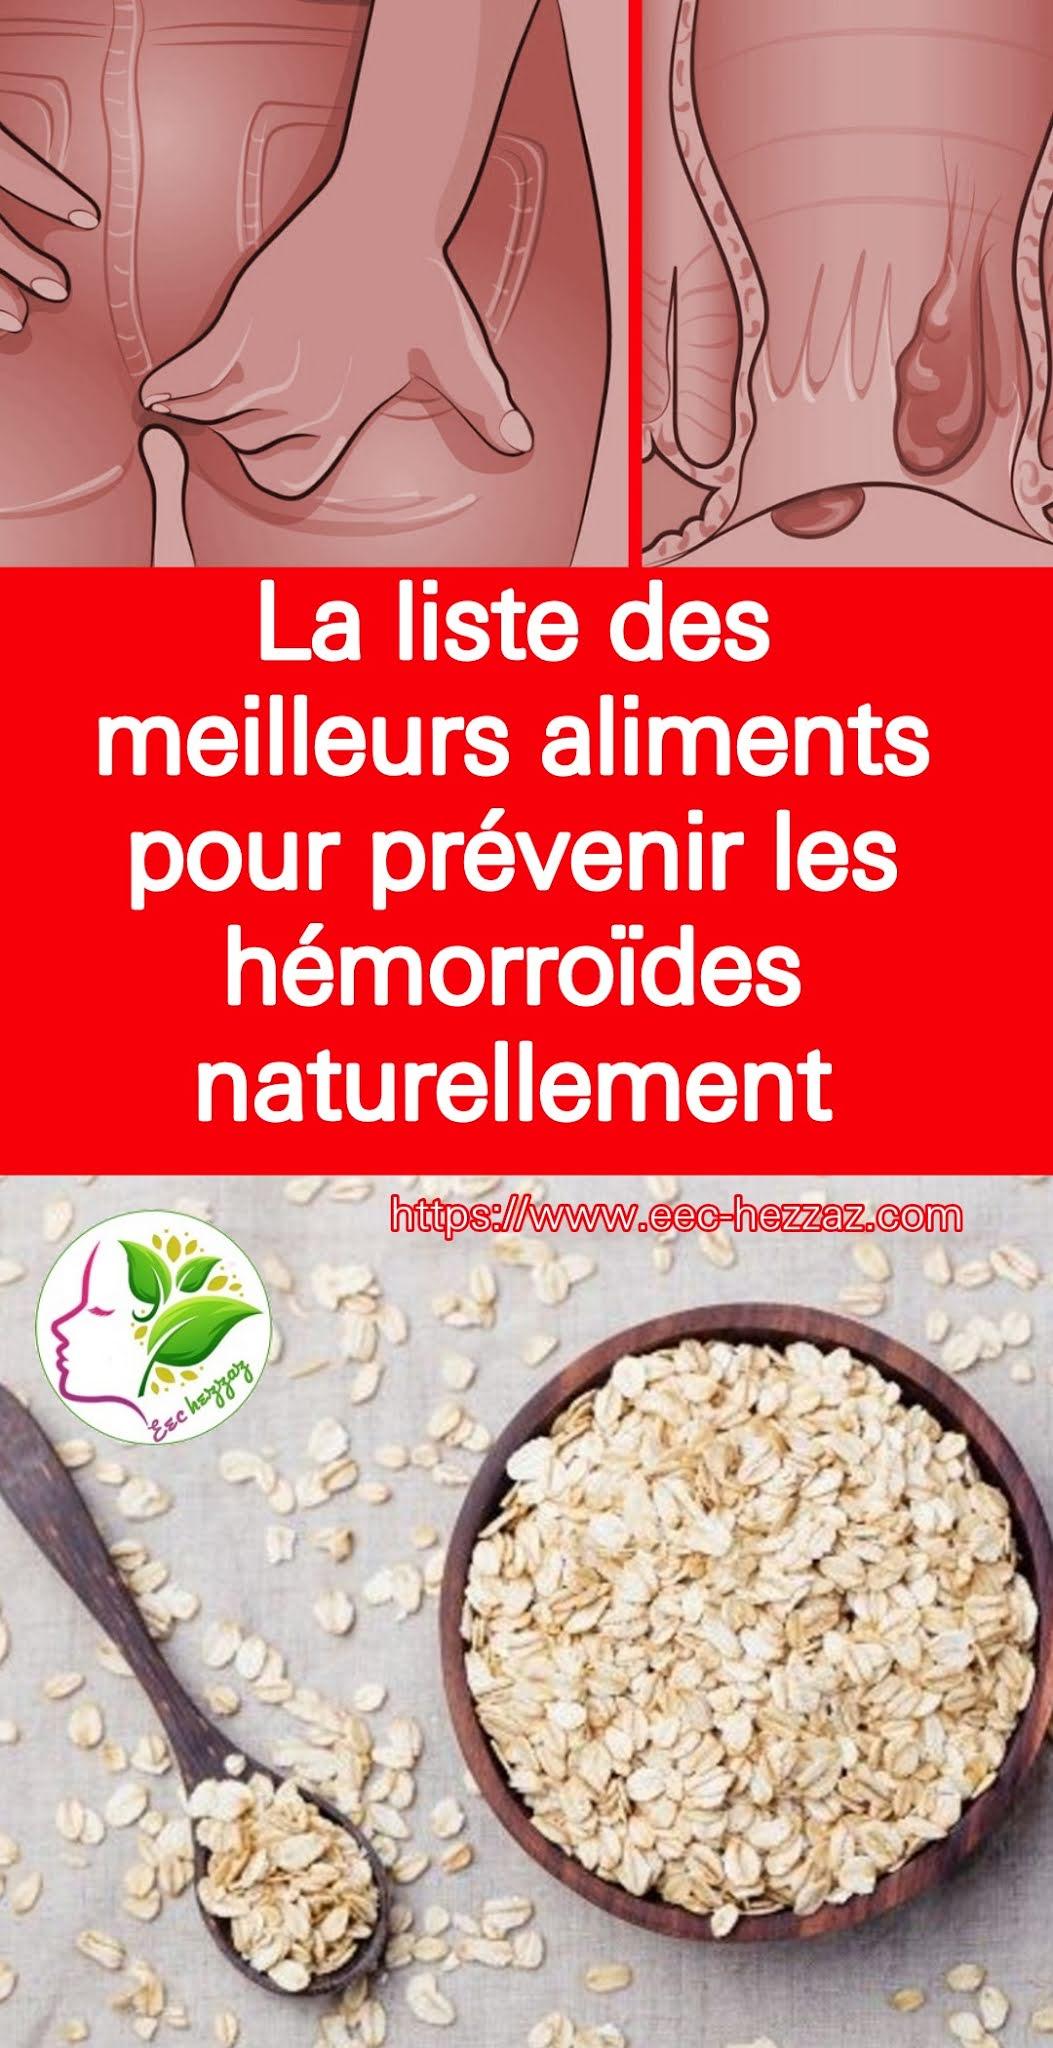 La liste des meilleurs aliments pour prévenir les hémorroïdes naturellement